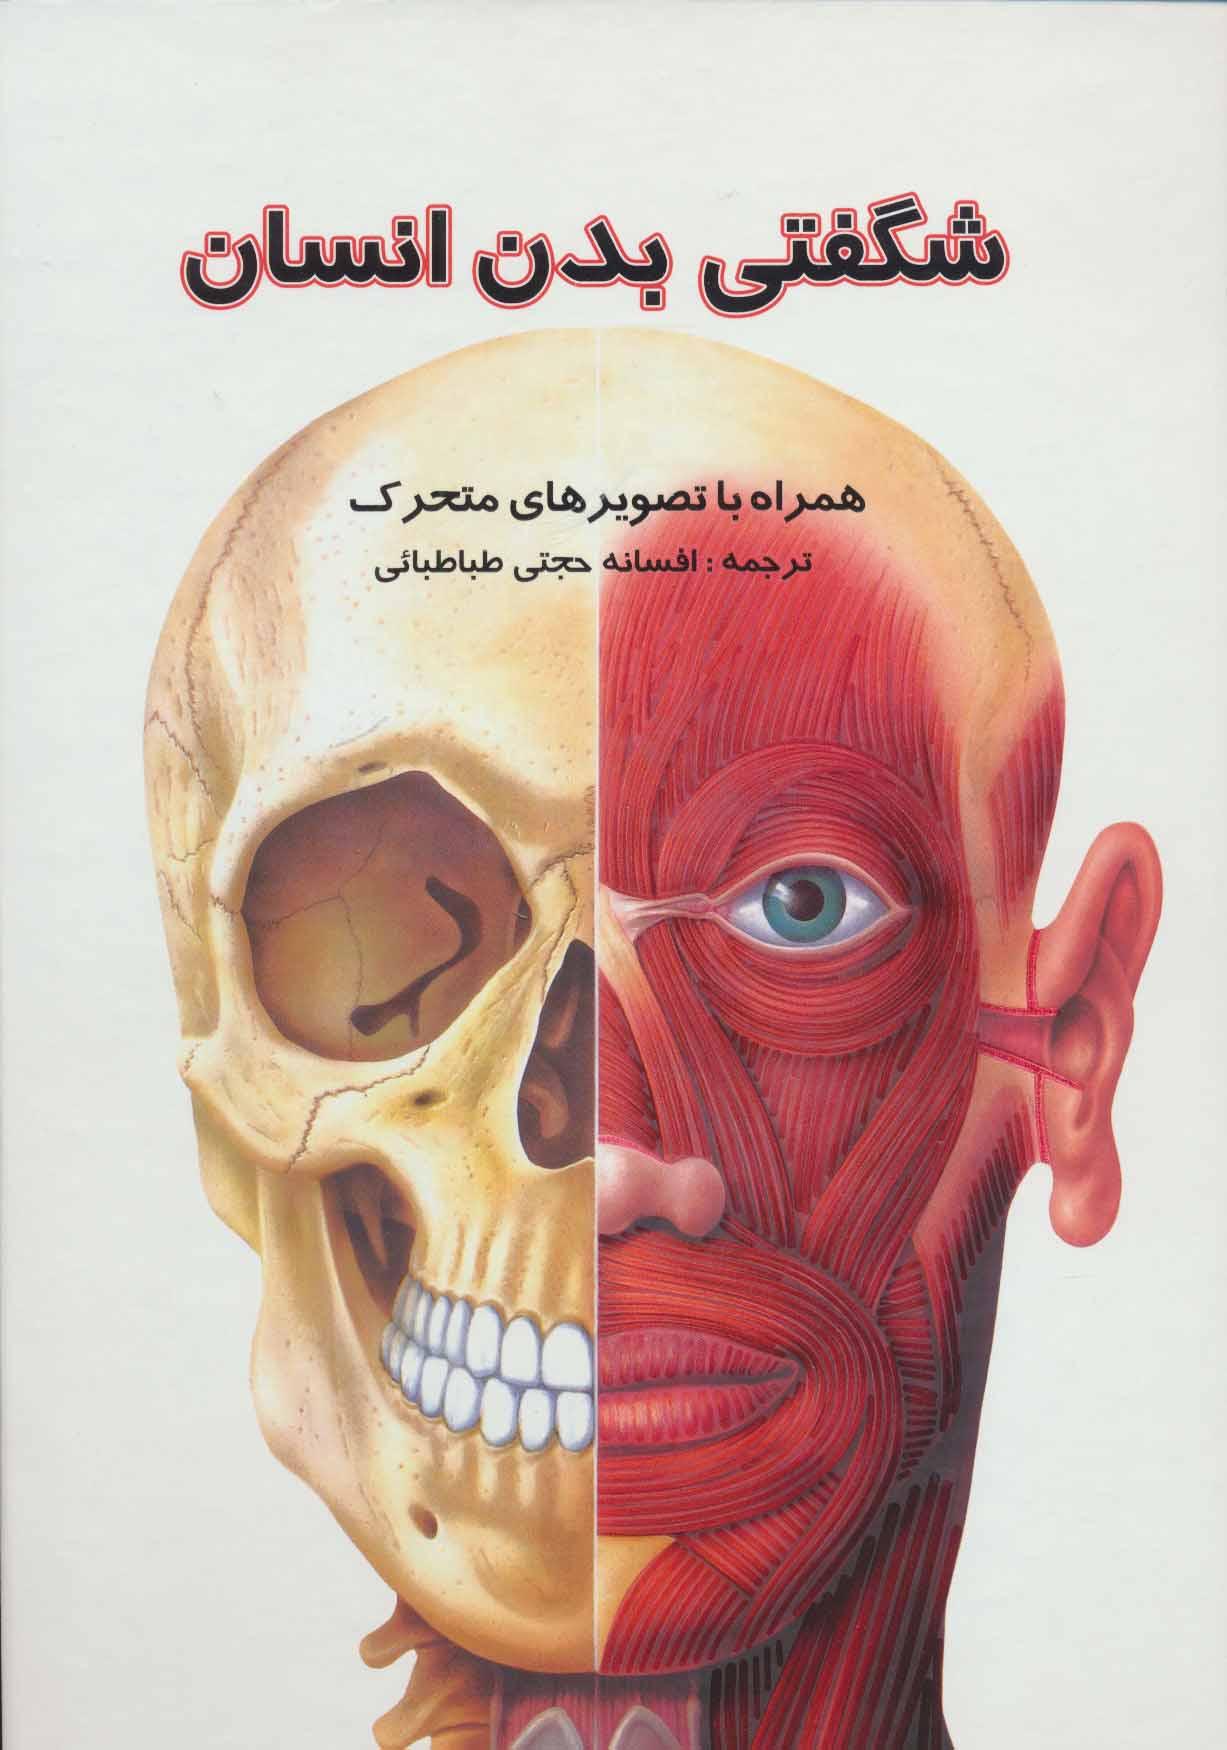 کتاب شگفتی بدن انسان همراه با تصویرهای متحرک